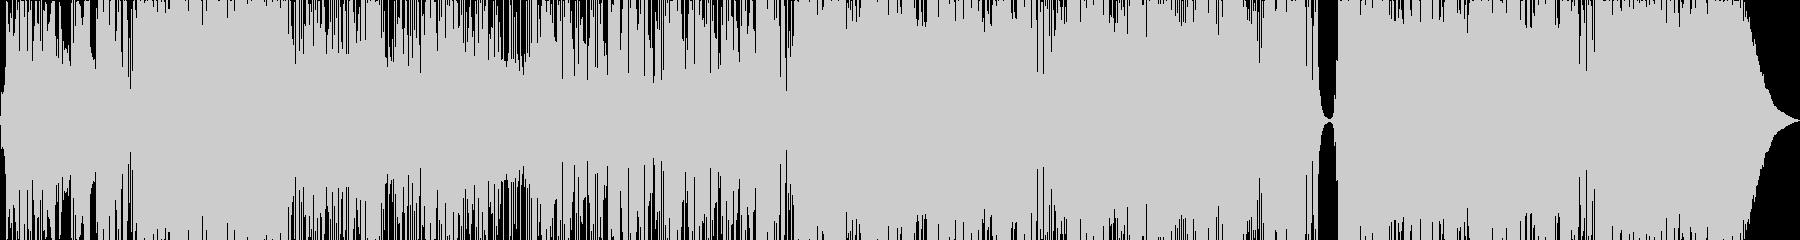 爽やかギターロック【バンドサウンド】の未再生の波形